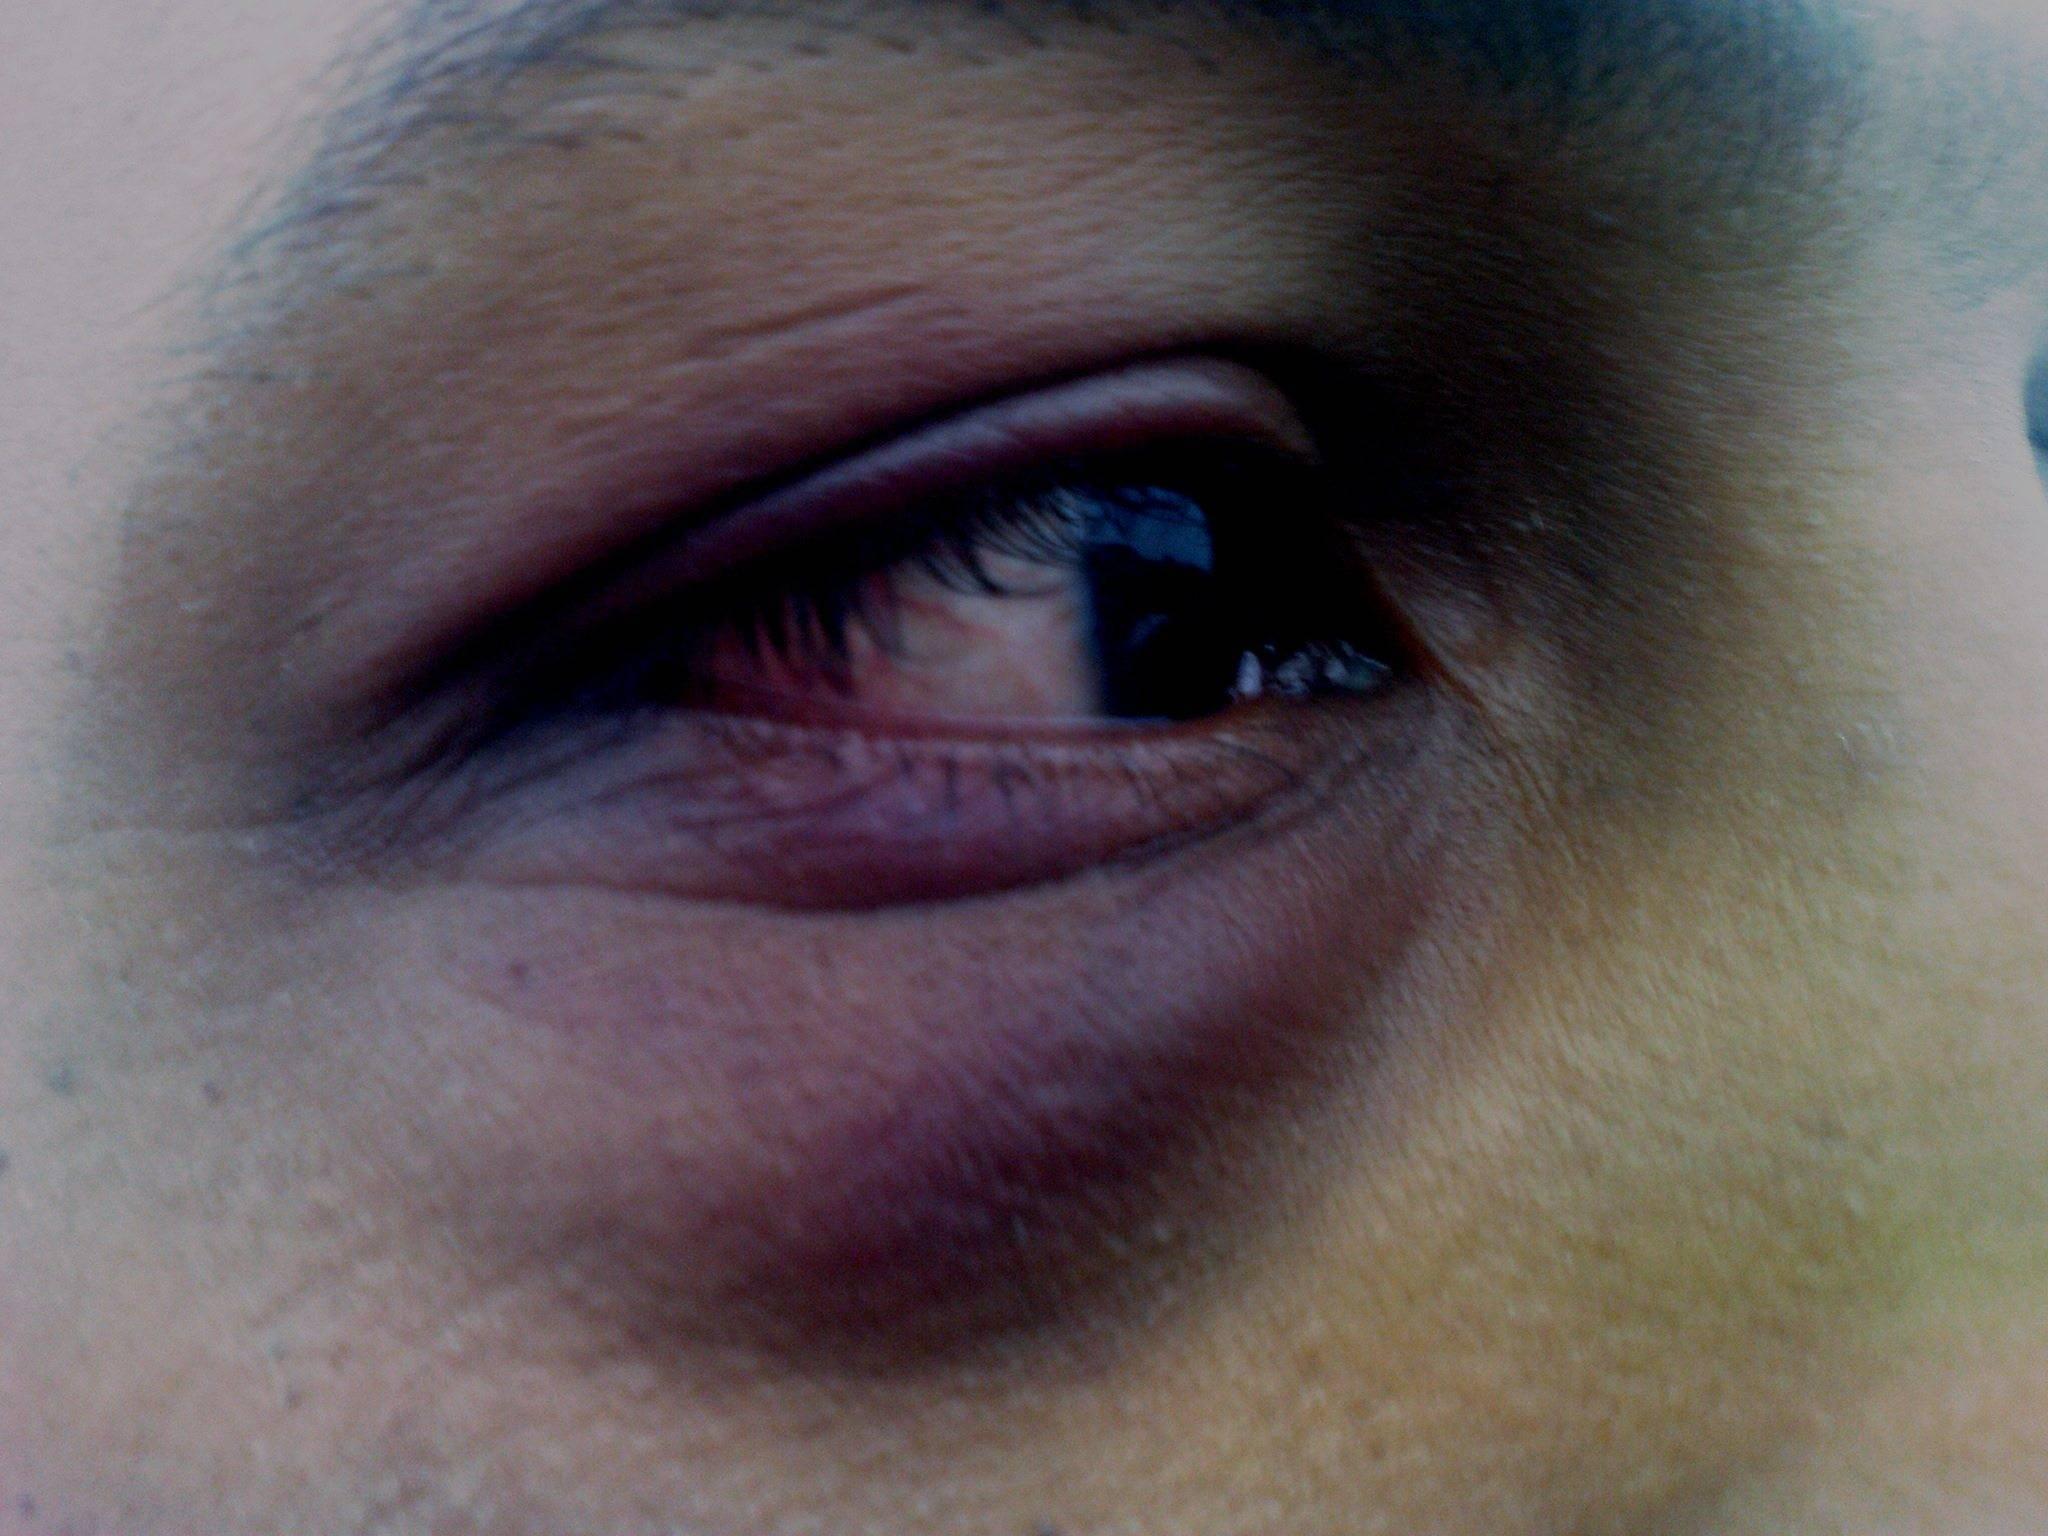 Проявление контузии глазного яблока